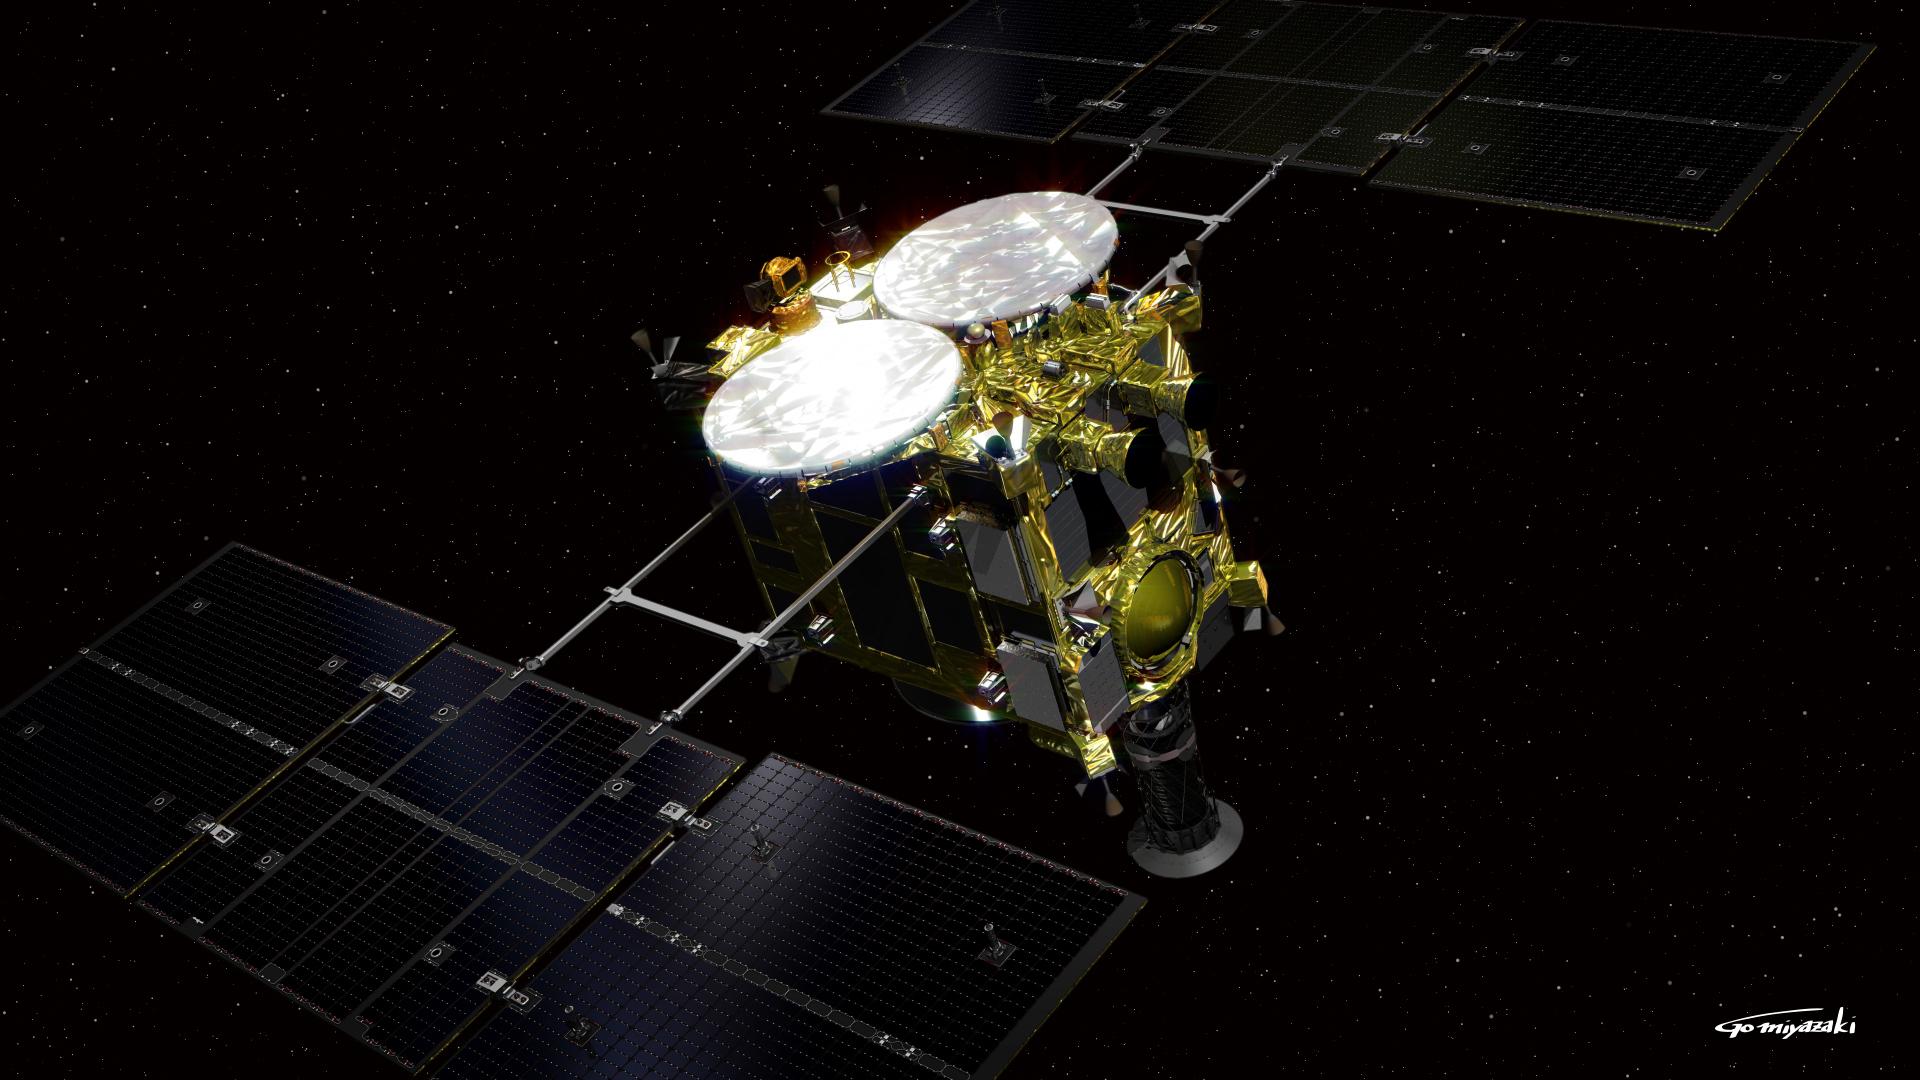 Hayabusa2 je asi 600 kg vážící sondaagenturyJAXA, která má za cíl prozkoumatasteroid Ryugu, přistát na něm a dopravit vzorky zpět naZemi. Vypuštěna byla v prosinci 2014. K bízkému kontaktu s Ryugu došlo 2018. Robotické sondy přistály na tělese a